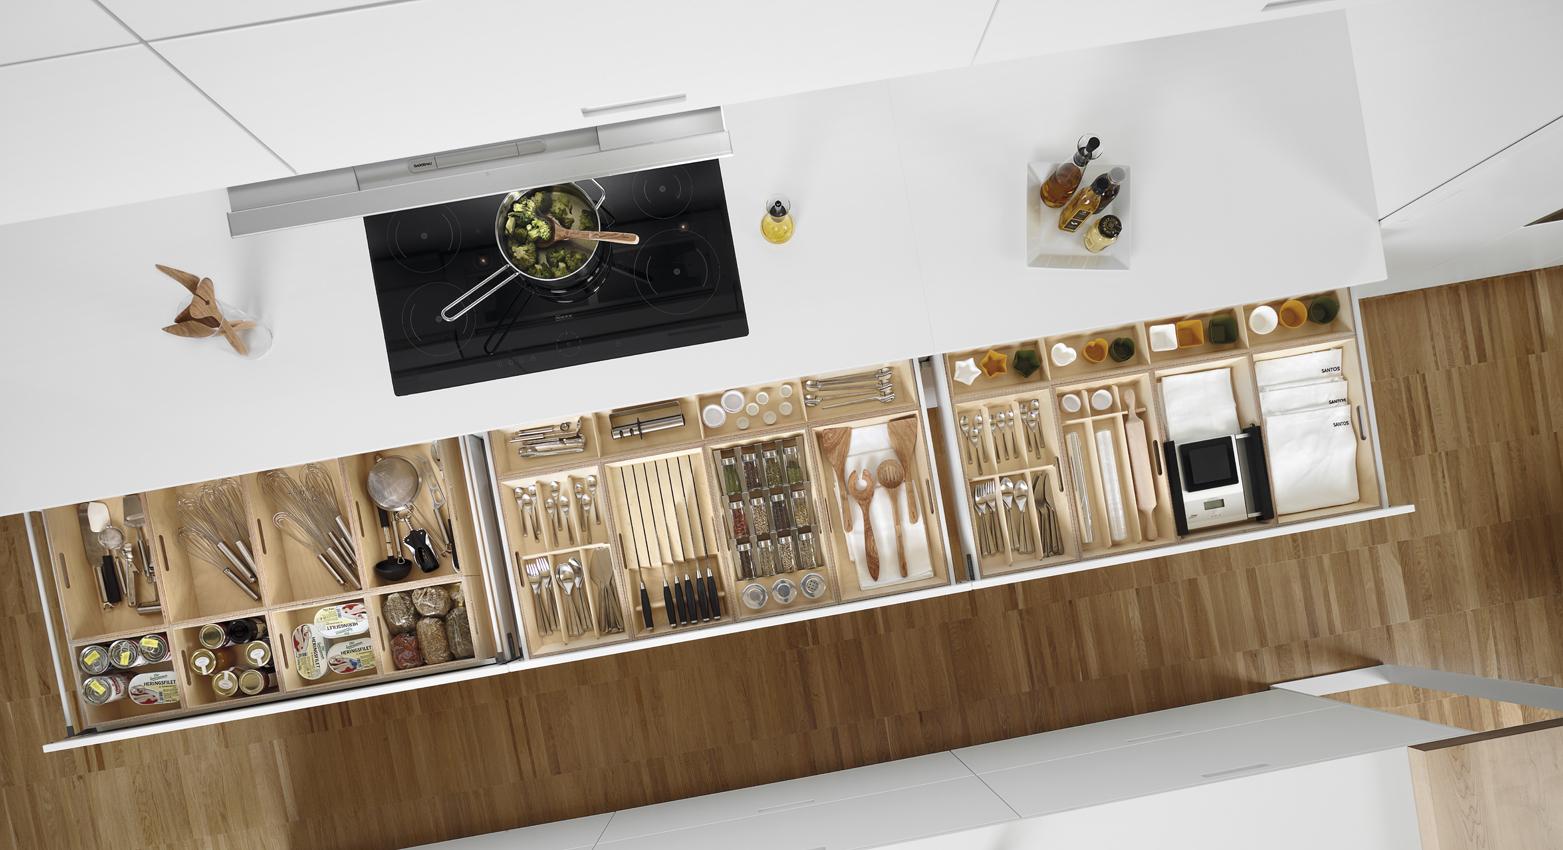 Soluciones funcionales santos muebles de cocina - Financiar muebles sin nomina ...